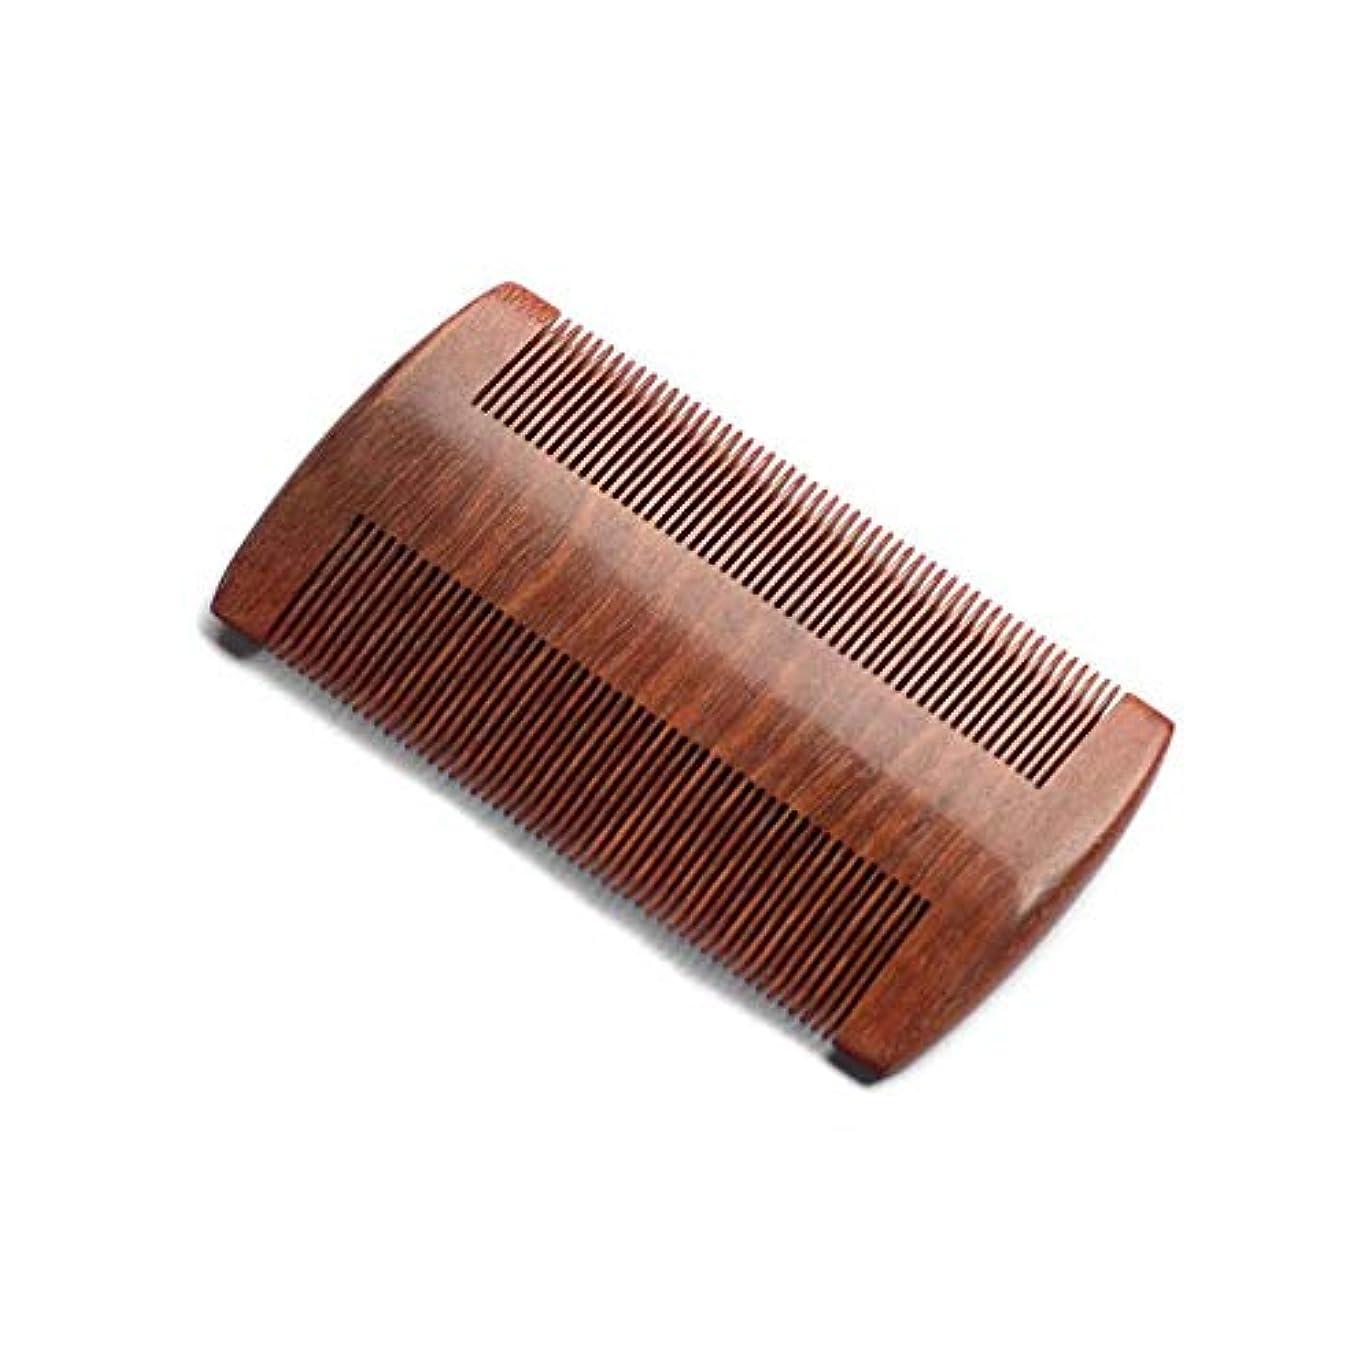 共産主義者浸漬空洞ZYDP 細かいコンパクトな歯赤白檀の髪の櫛手作りの櫛帯電防止髪の櫛